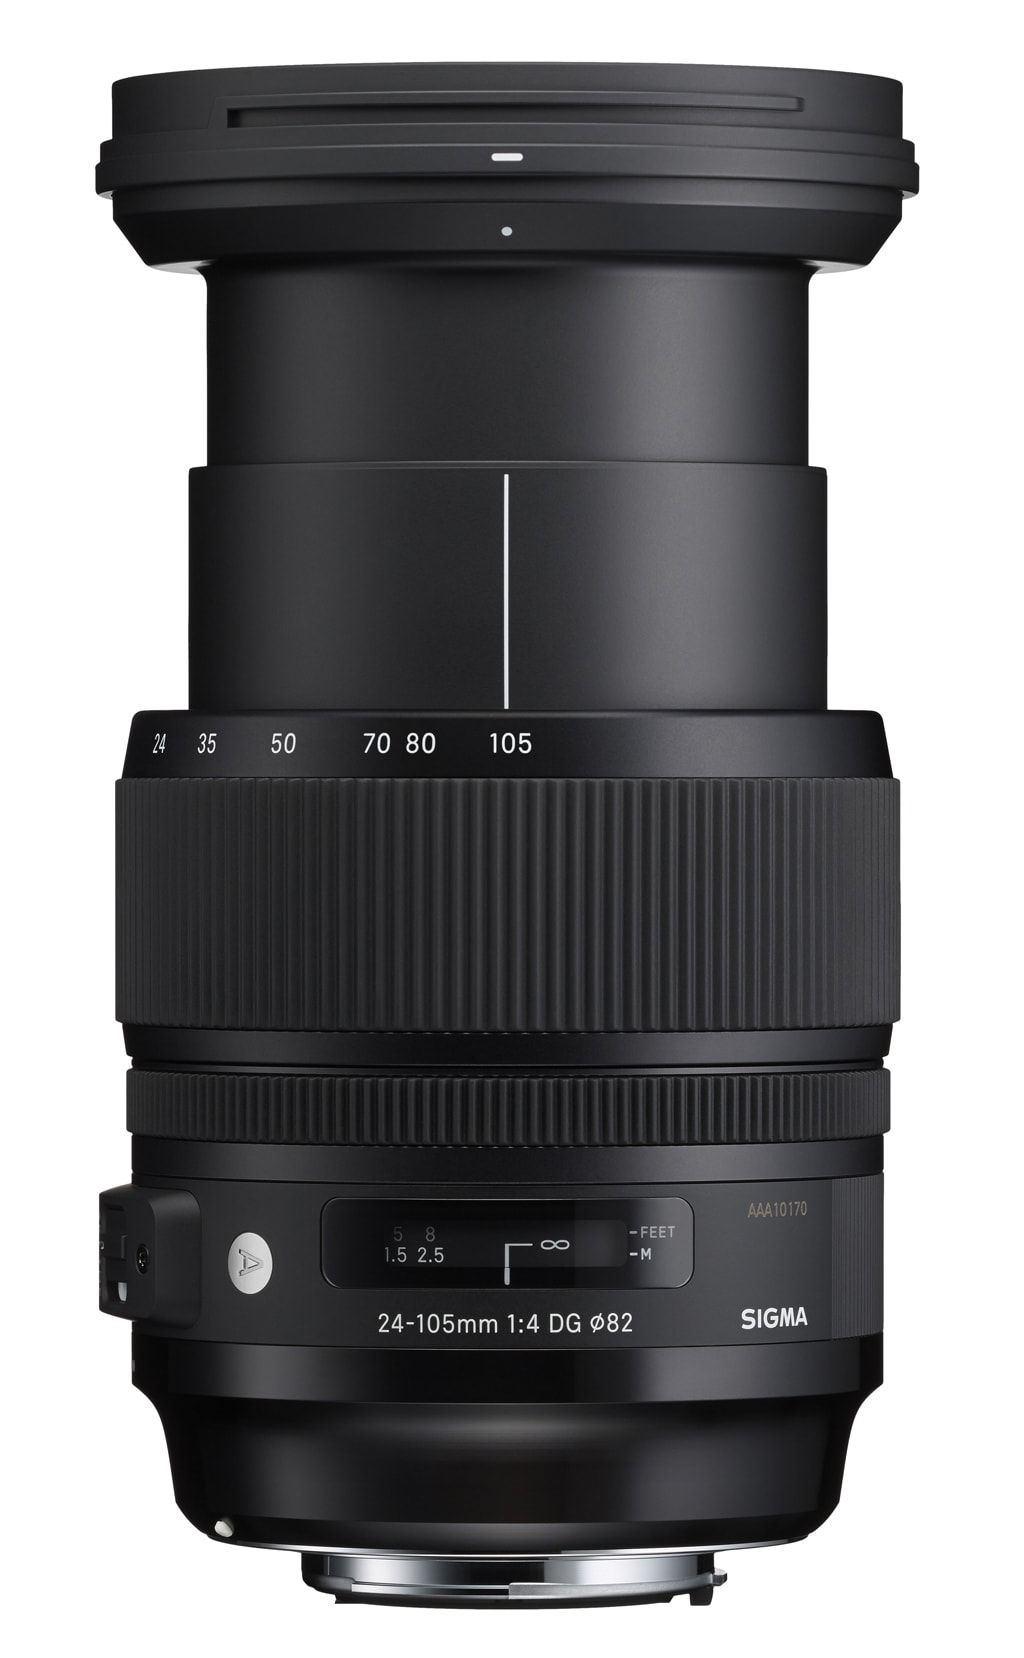 Sigma 24-105mm 1:4 DG OS HSM Art für Canon EF